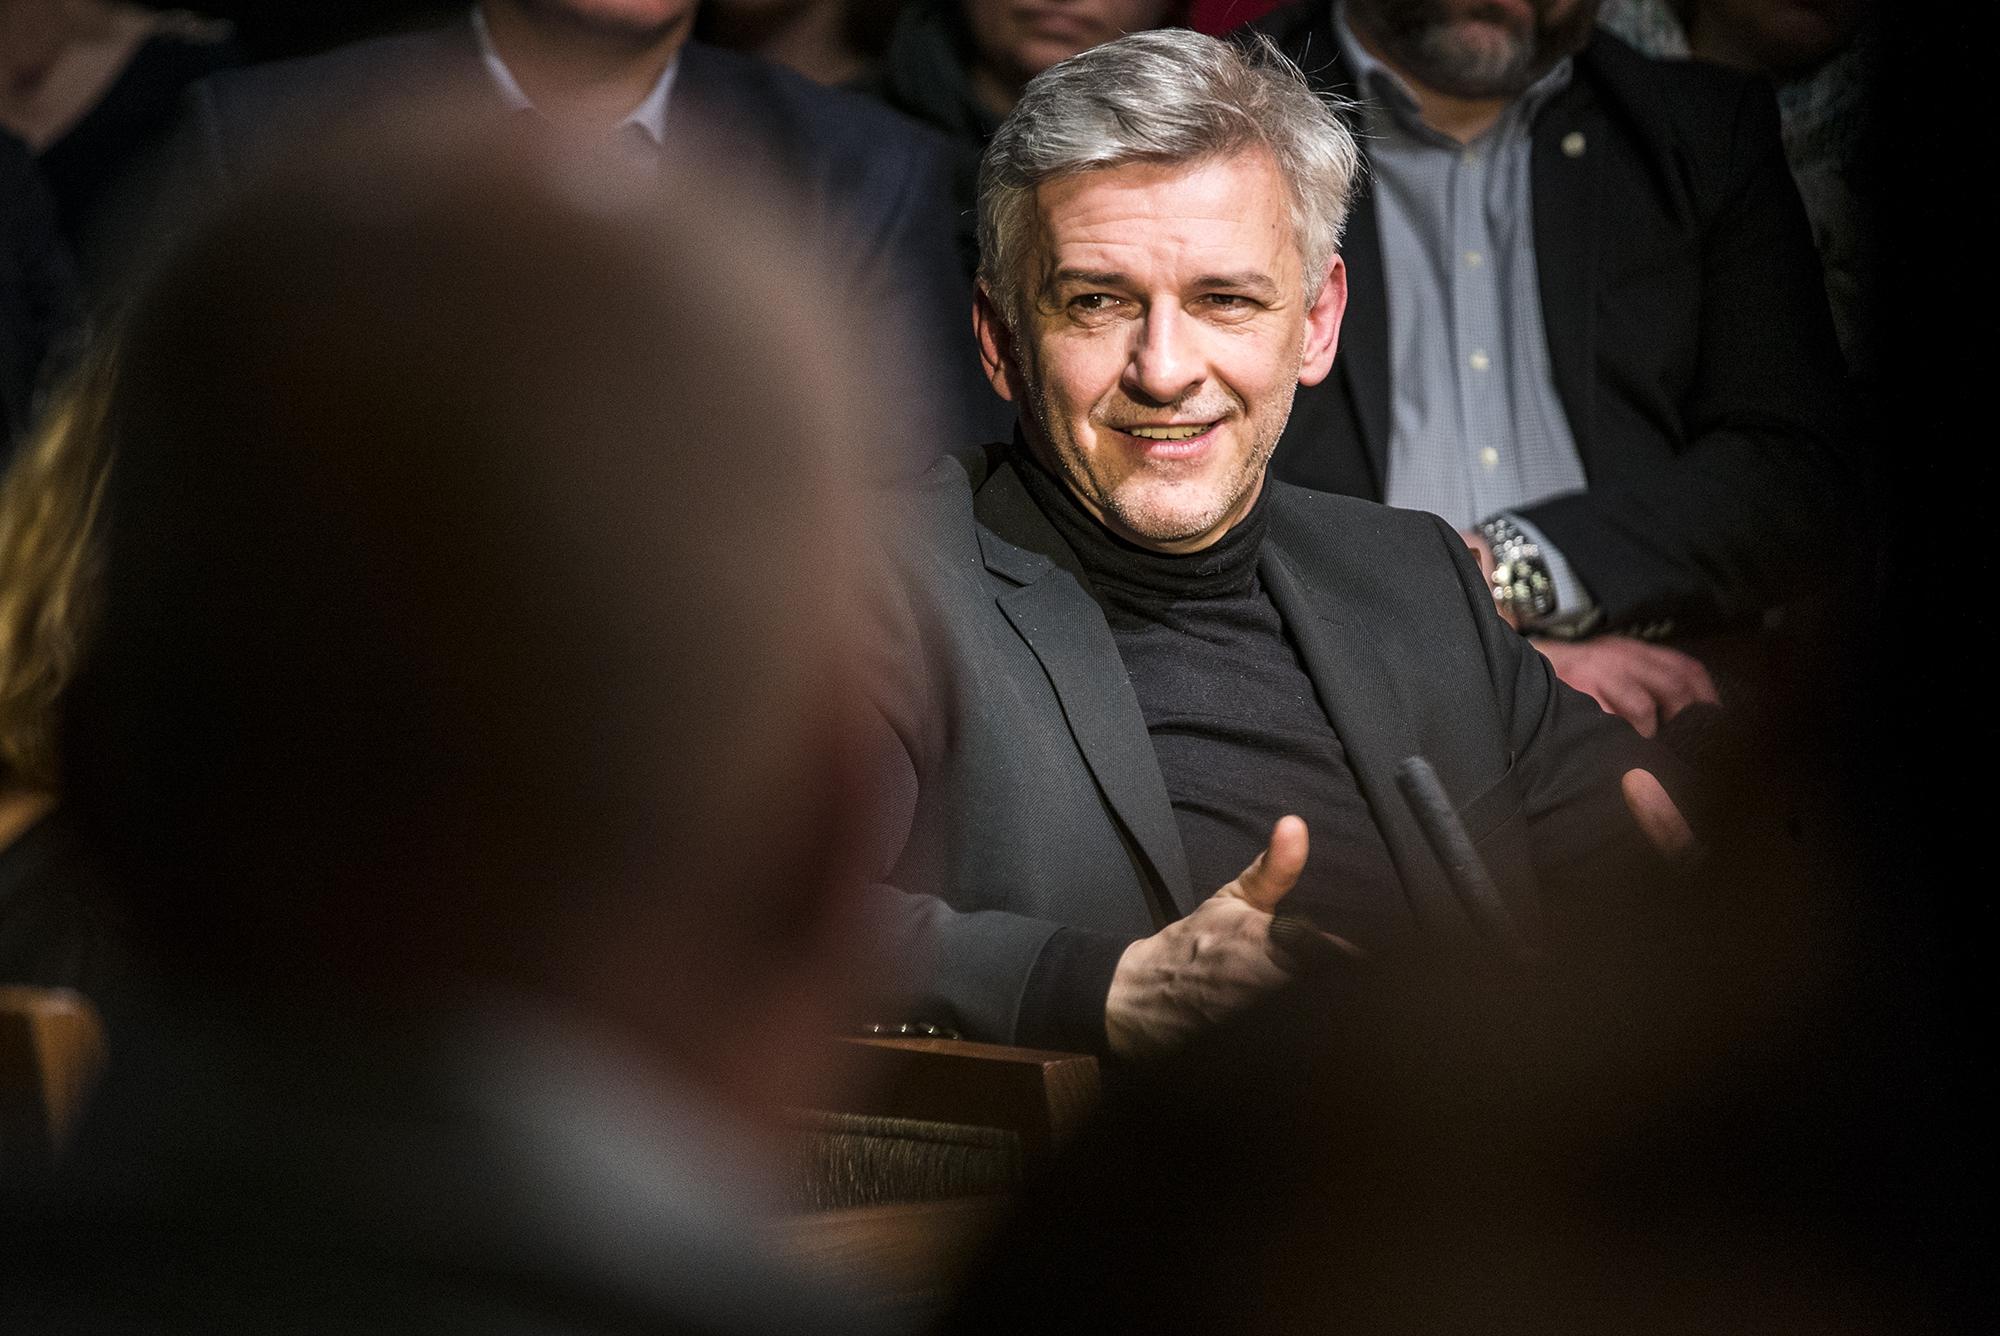 Szabad-e szavazni a Jobbikra? Erre a kérdésre válaszolt Alföldi Róbert, Nádas Péter és Lovasi András is